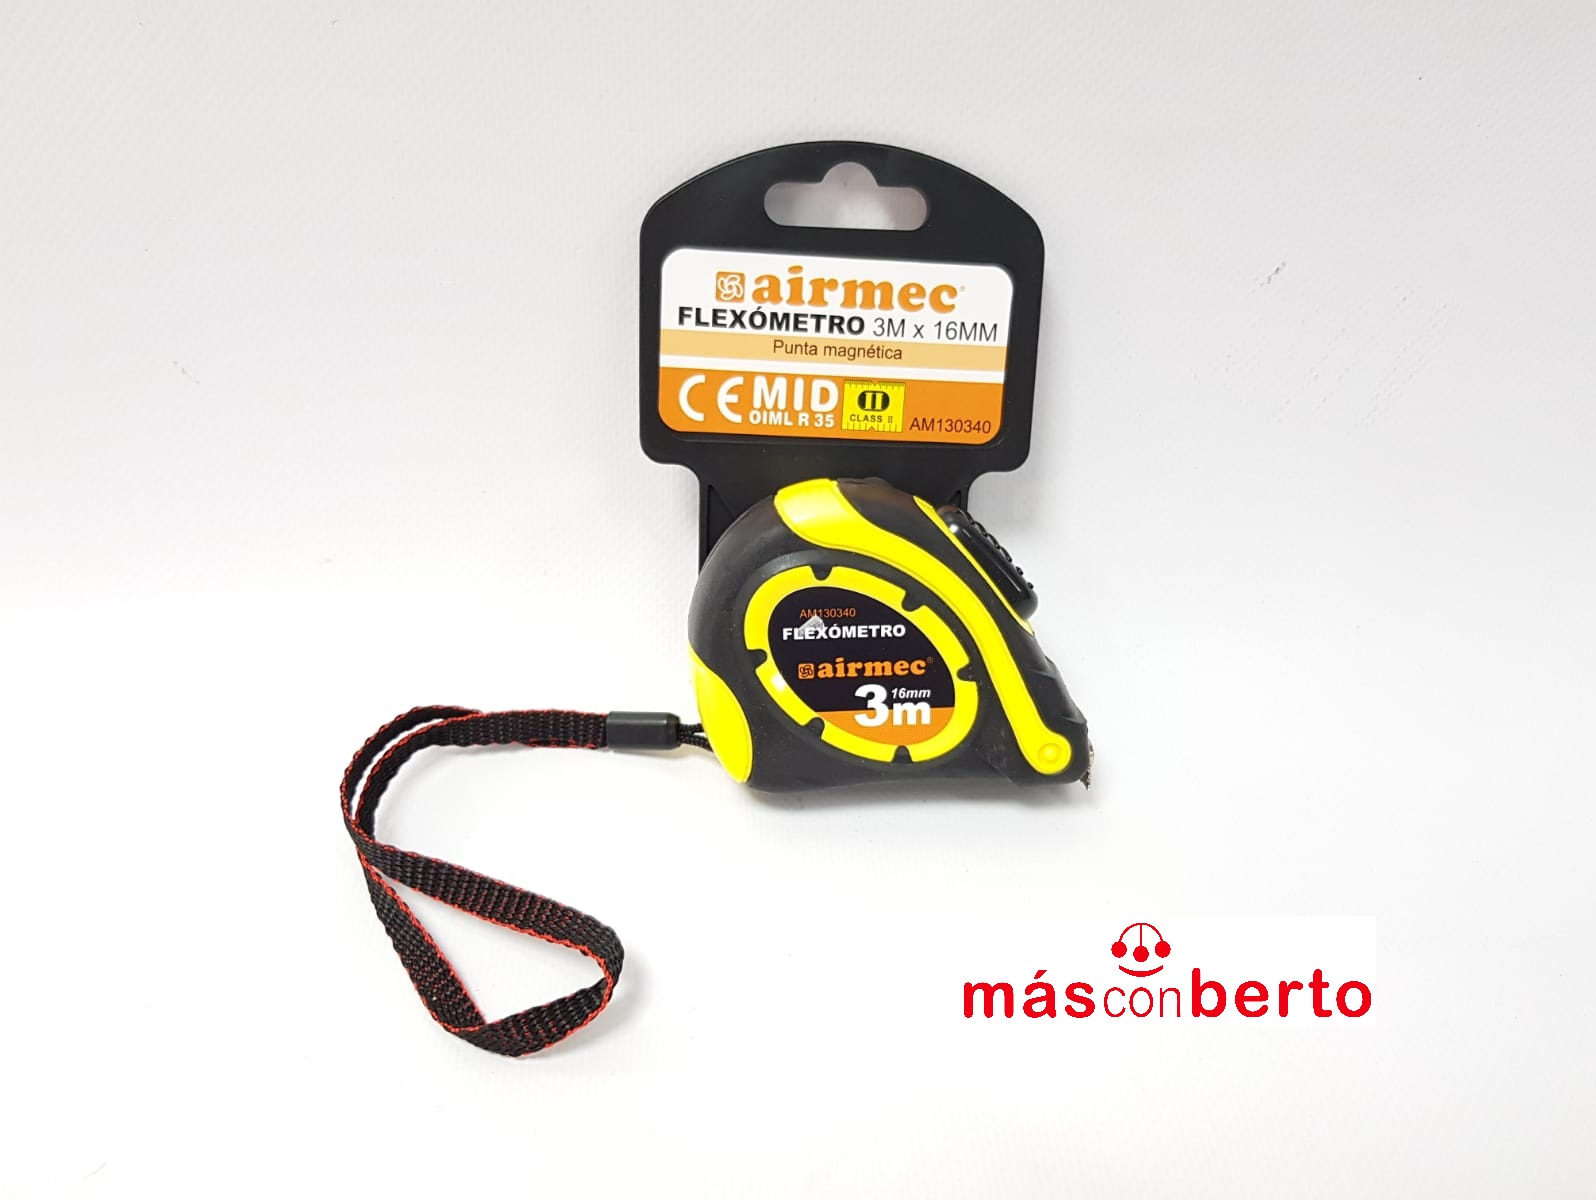 Flexómetro 3M x 16MM AM130340